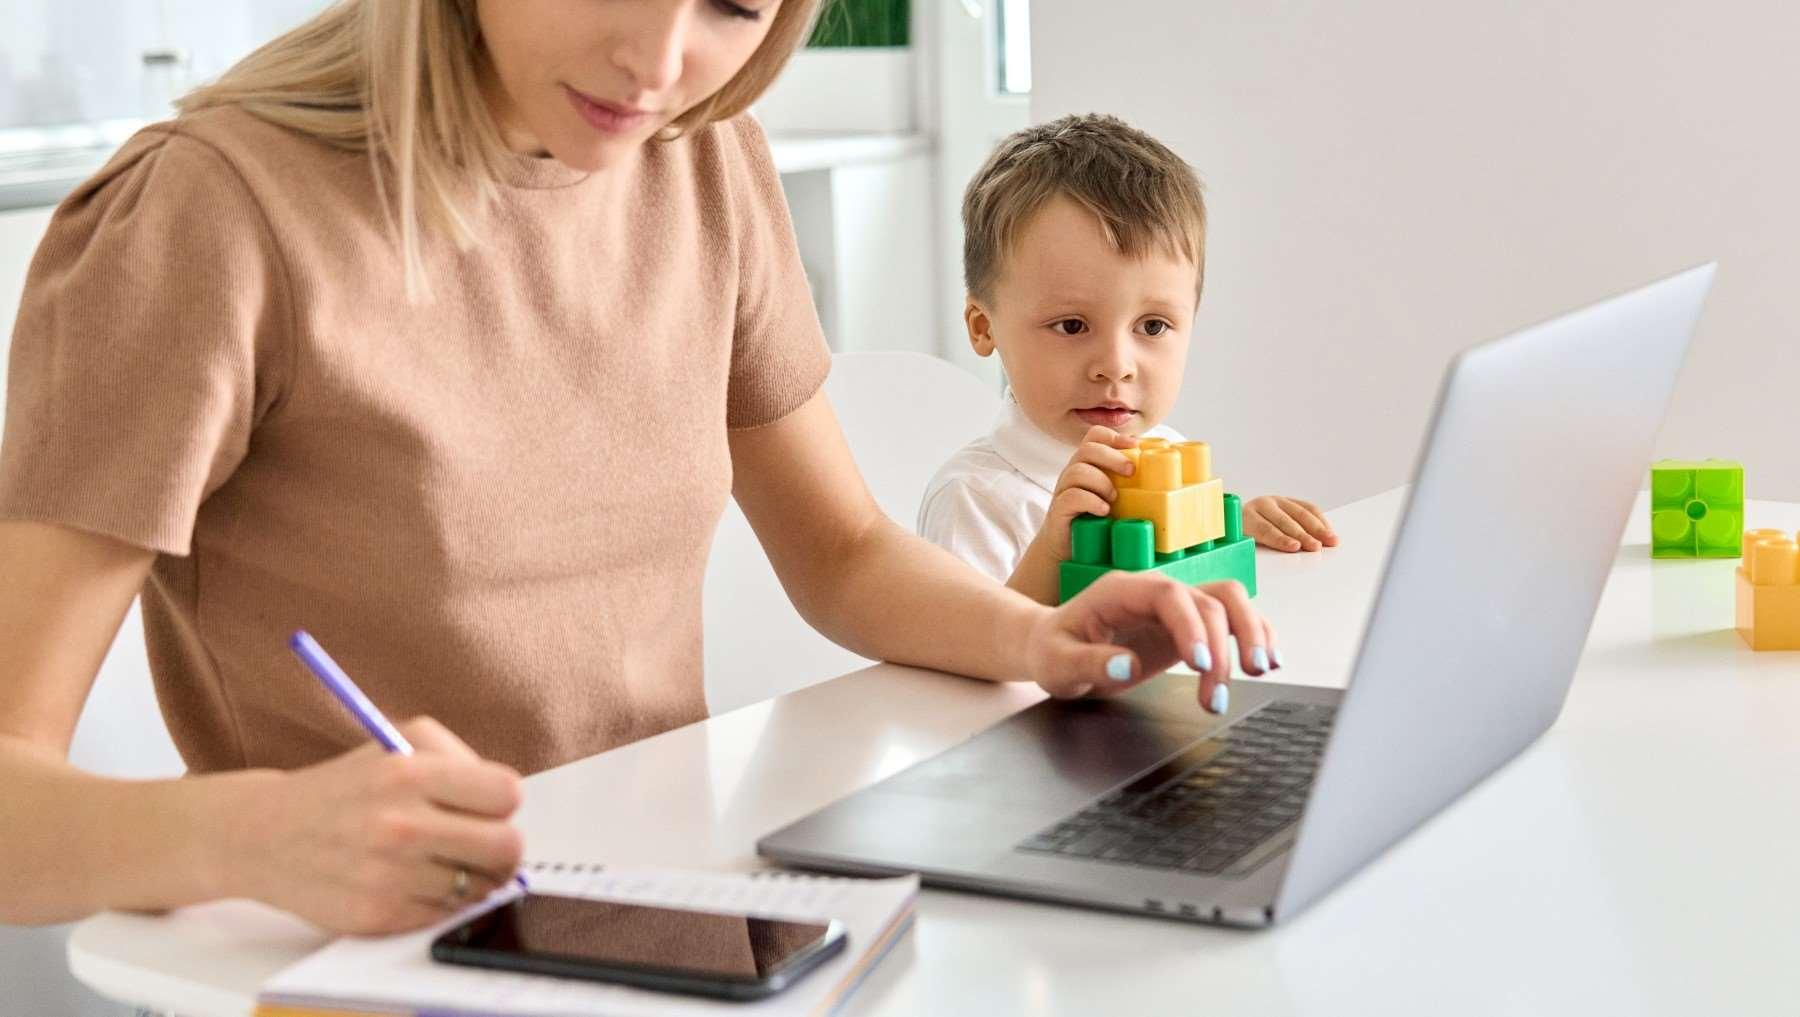 Czy pracownik może przyjść do pracy z dzieckiem?